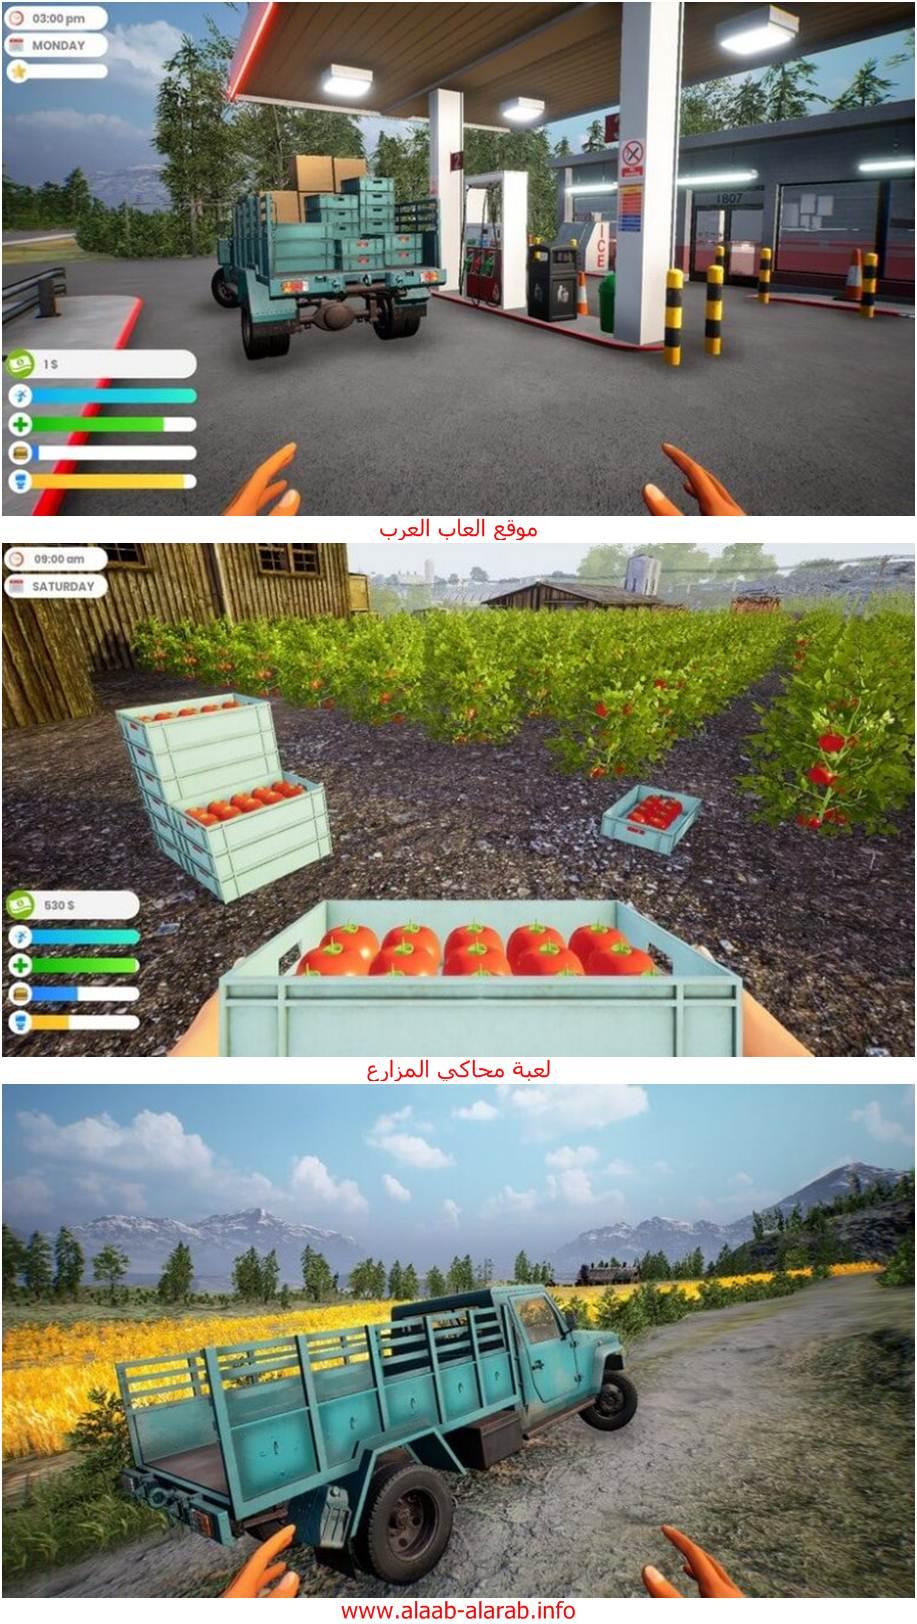 تحميل لعبة Farmer Life Simulator ، تحميل لعبة محاكي المزارع Farmer Life Simulator للكمبيوتر، تحميل لعبة محاكي الزراعة Farmer Life Simulator للكمبيوتر ، تنزيل لعبة Farmer Life Simulator